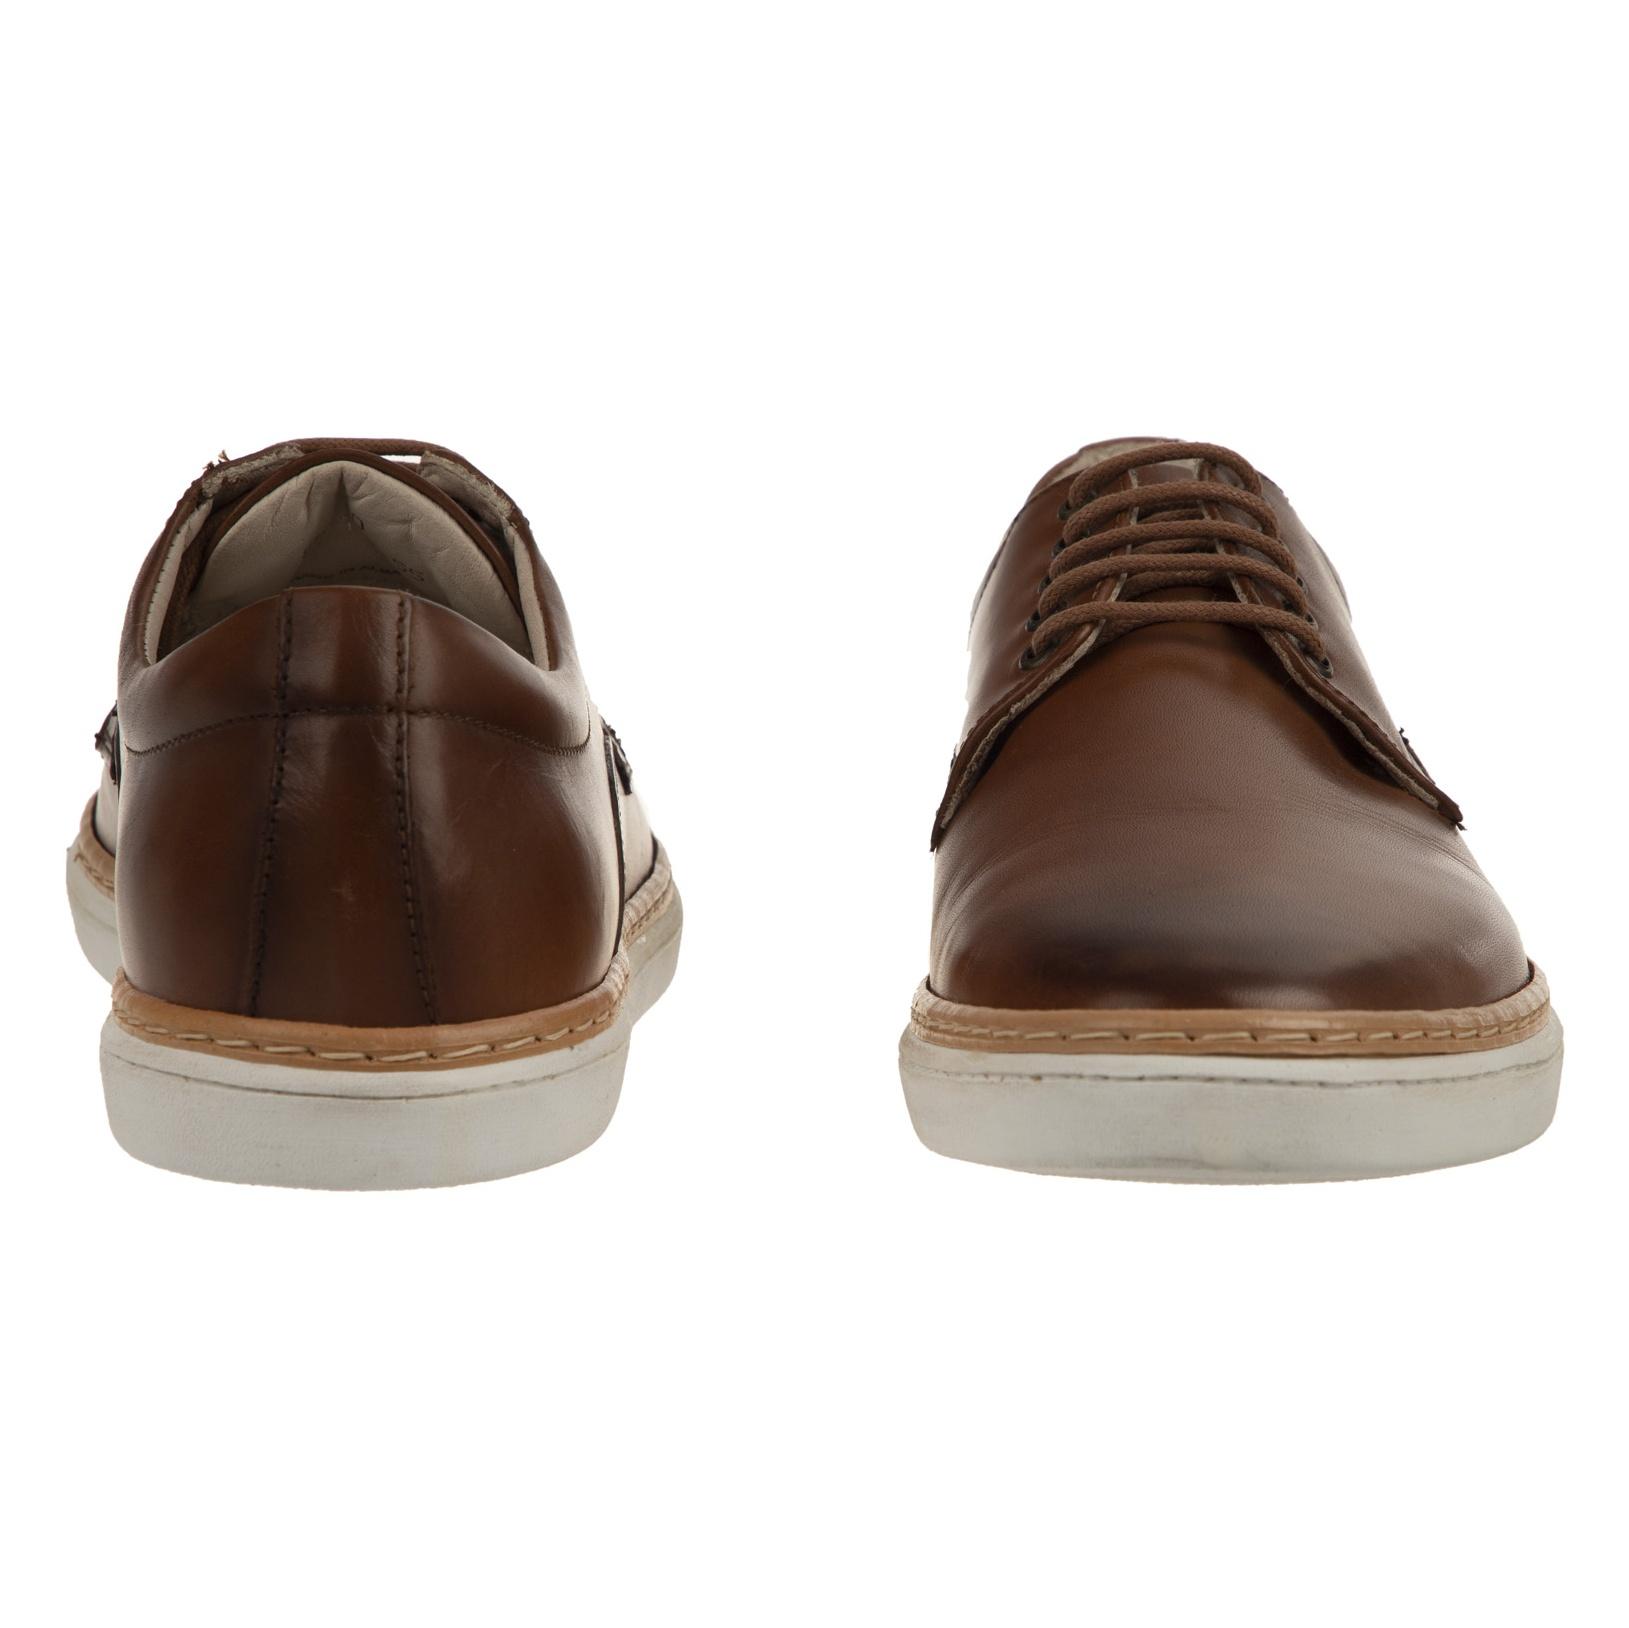 کفش روزمره مردانه گابور مدل 88.195.55